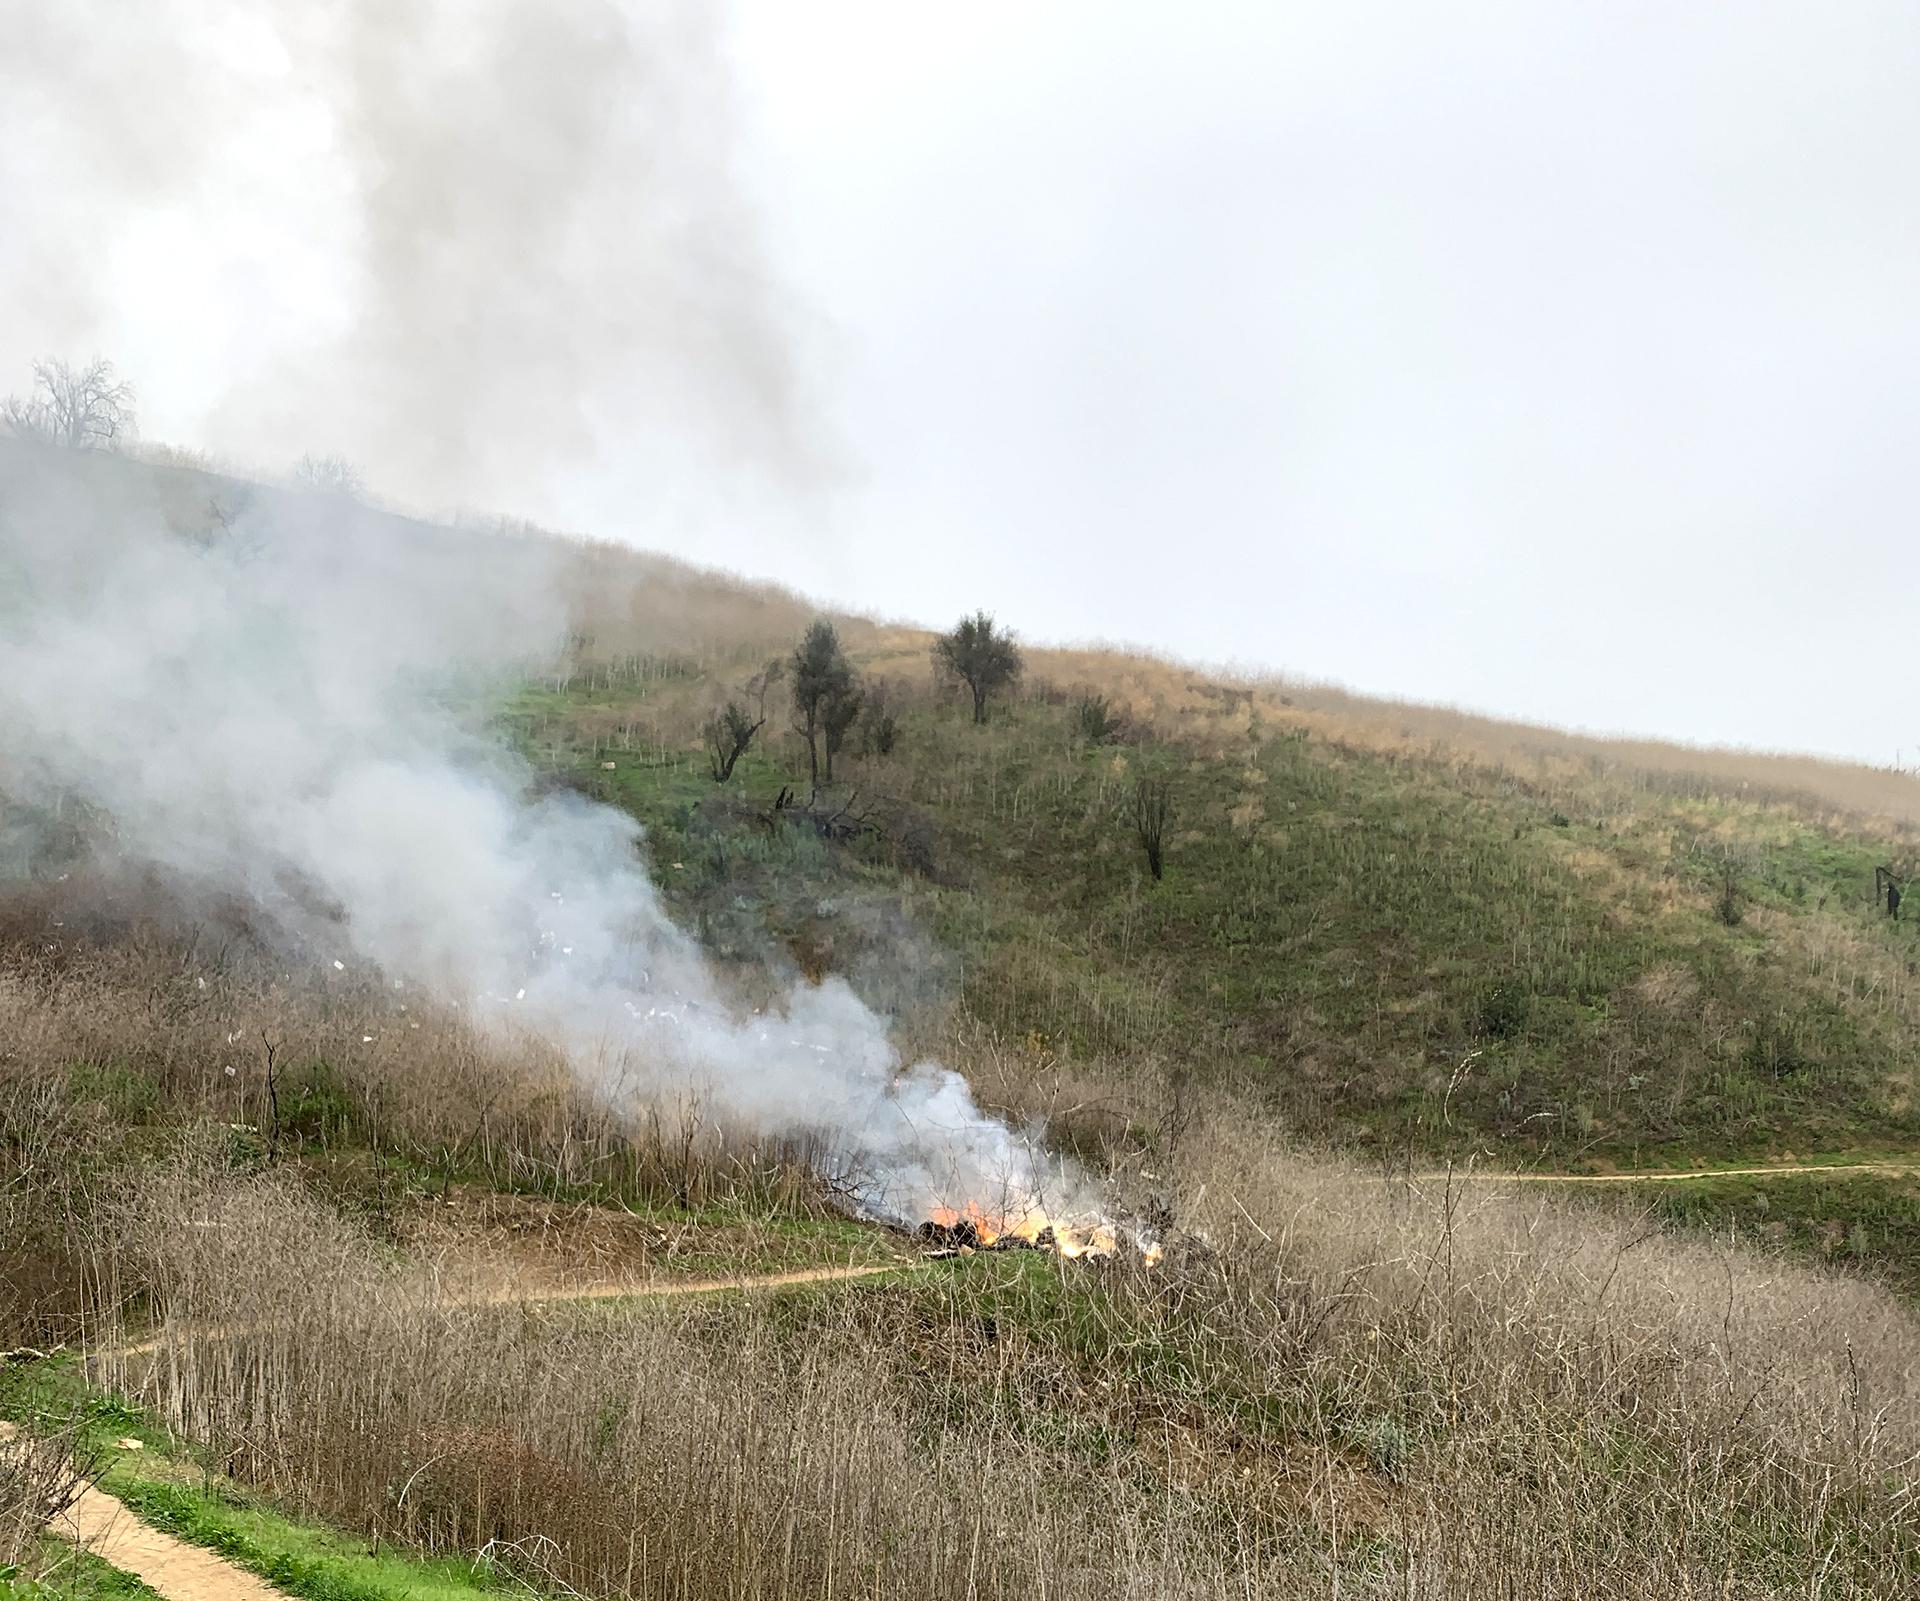 El fatal impacto se produjo contra la ladera de una colina en Calabasas, California (Grosby Group)